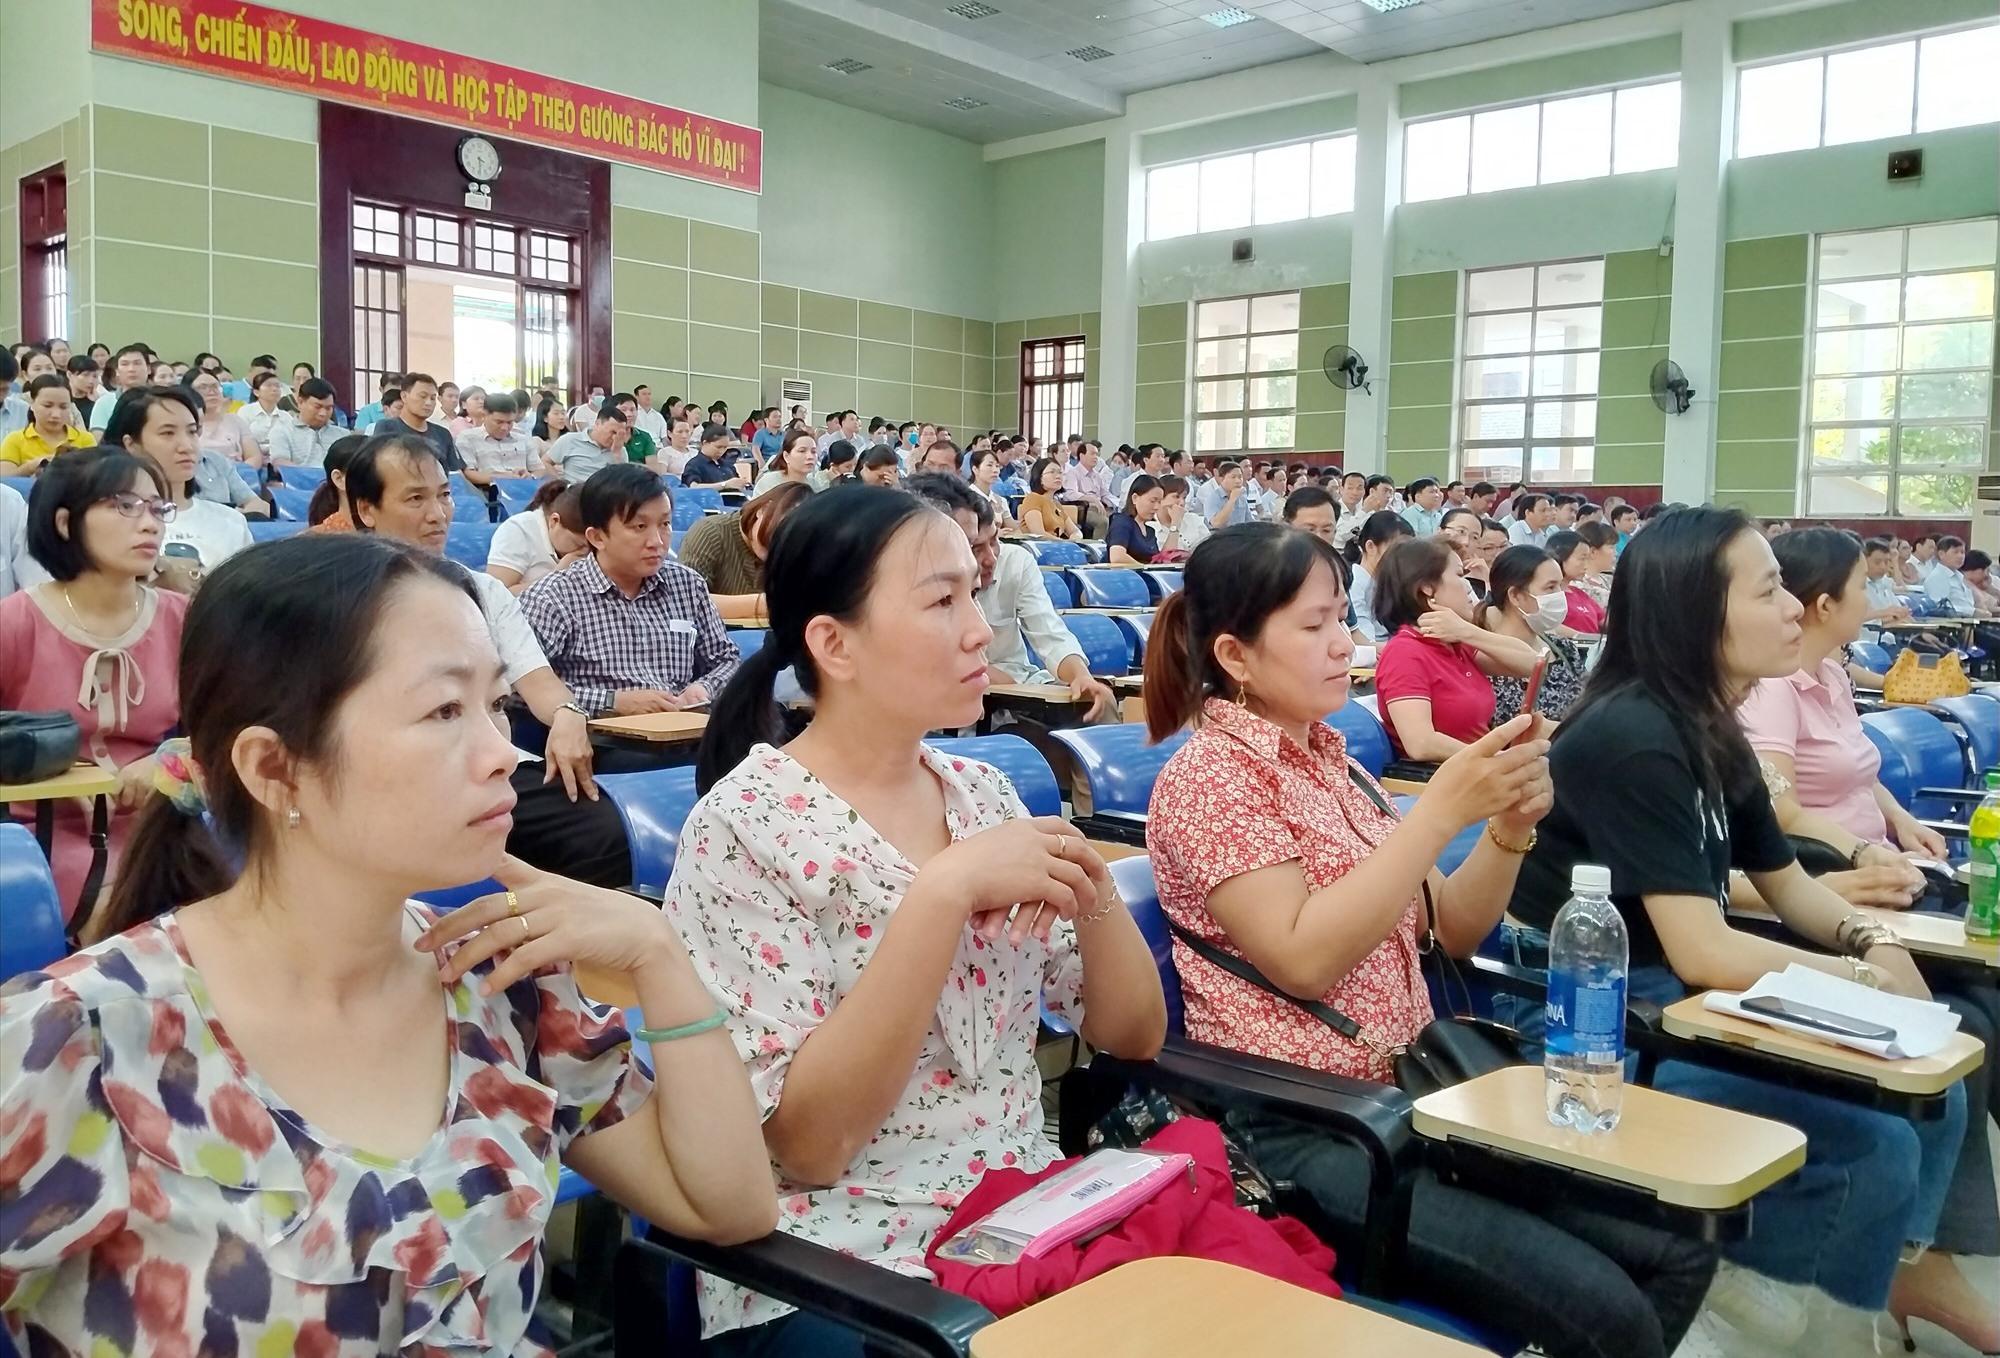 Thí sinh dự khai mạc kỳ thi, nghe phổ biến quy chế thi vào chiều 27.9. Ảnh: N.Đ